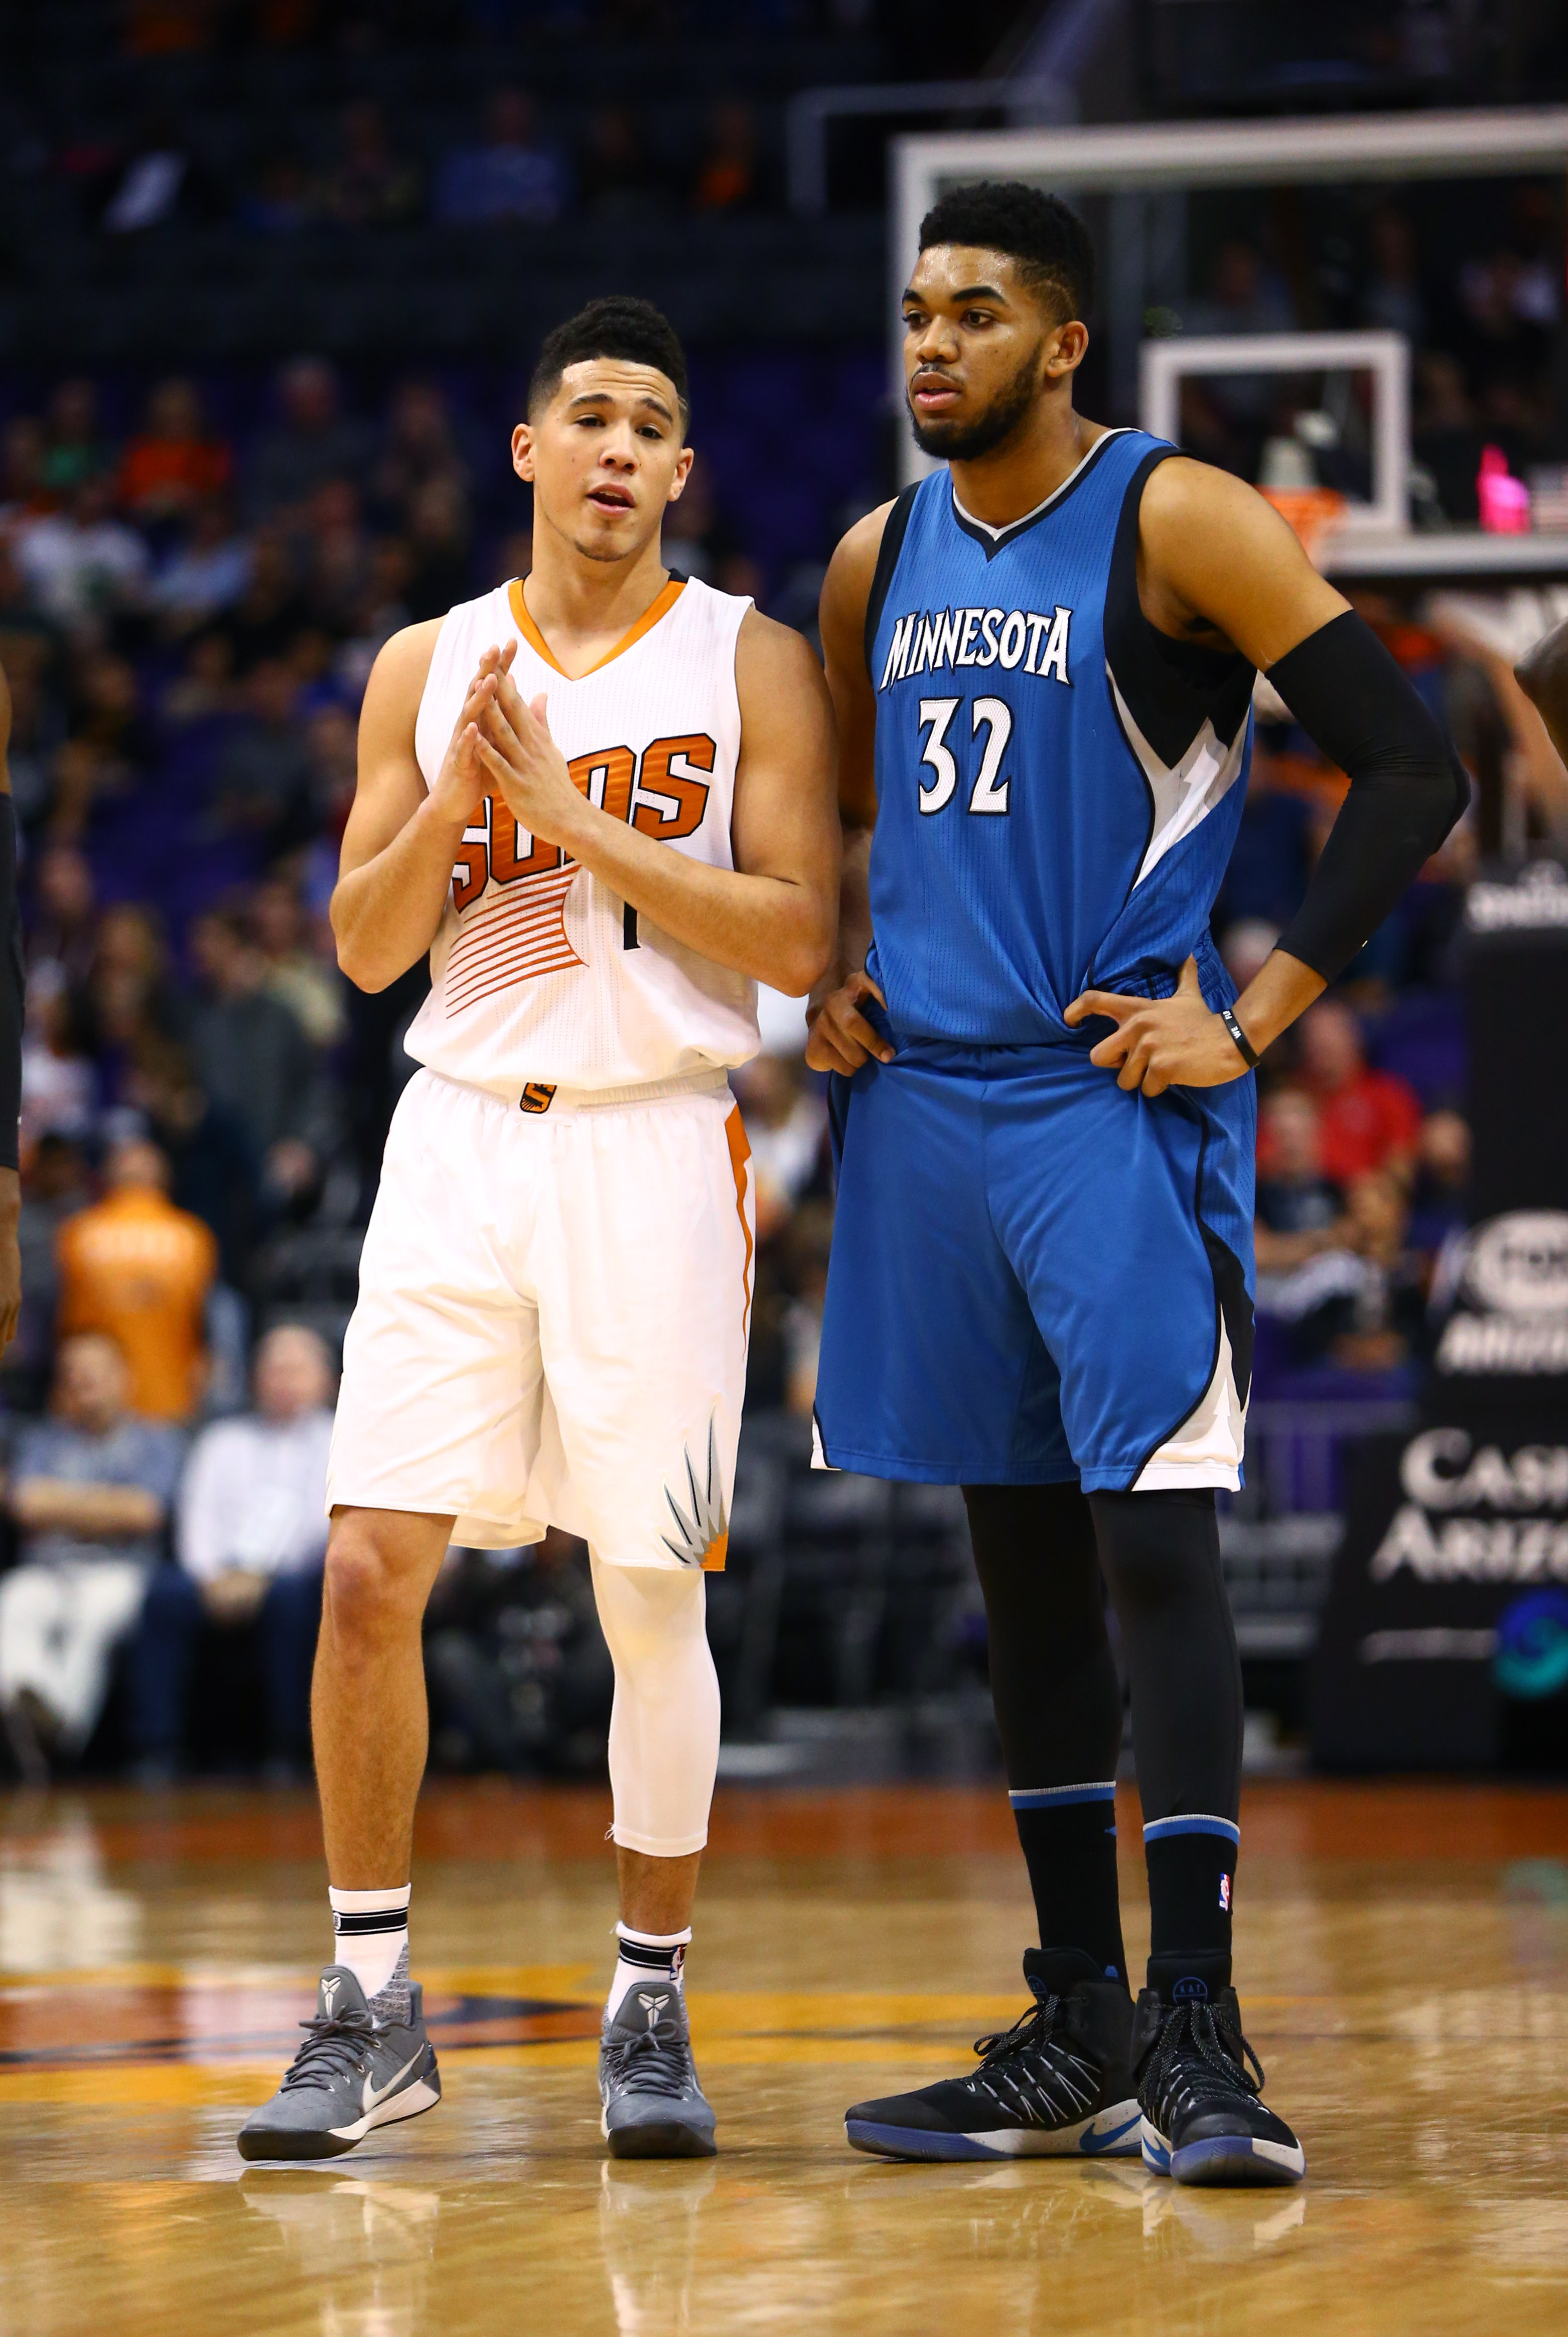 kentucky basketball players meet and greet